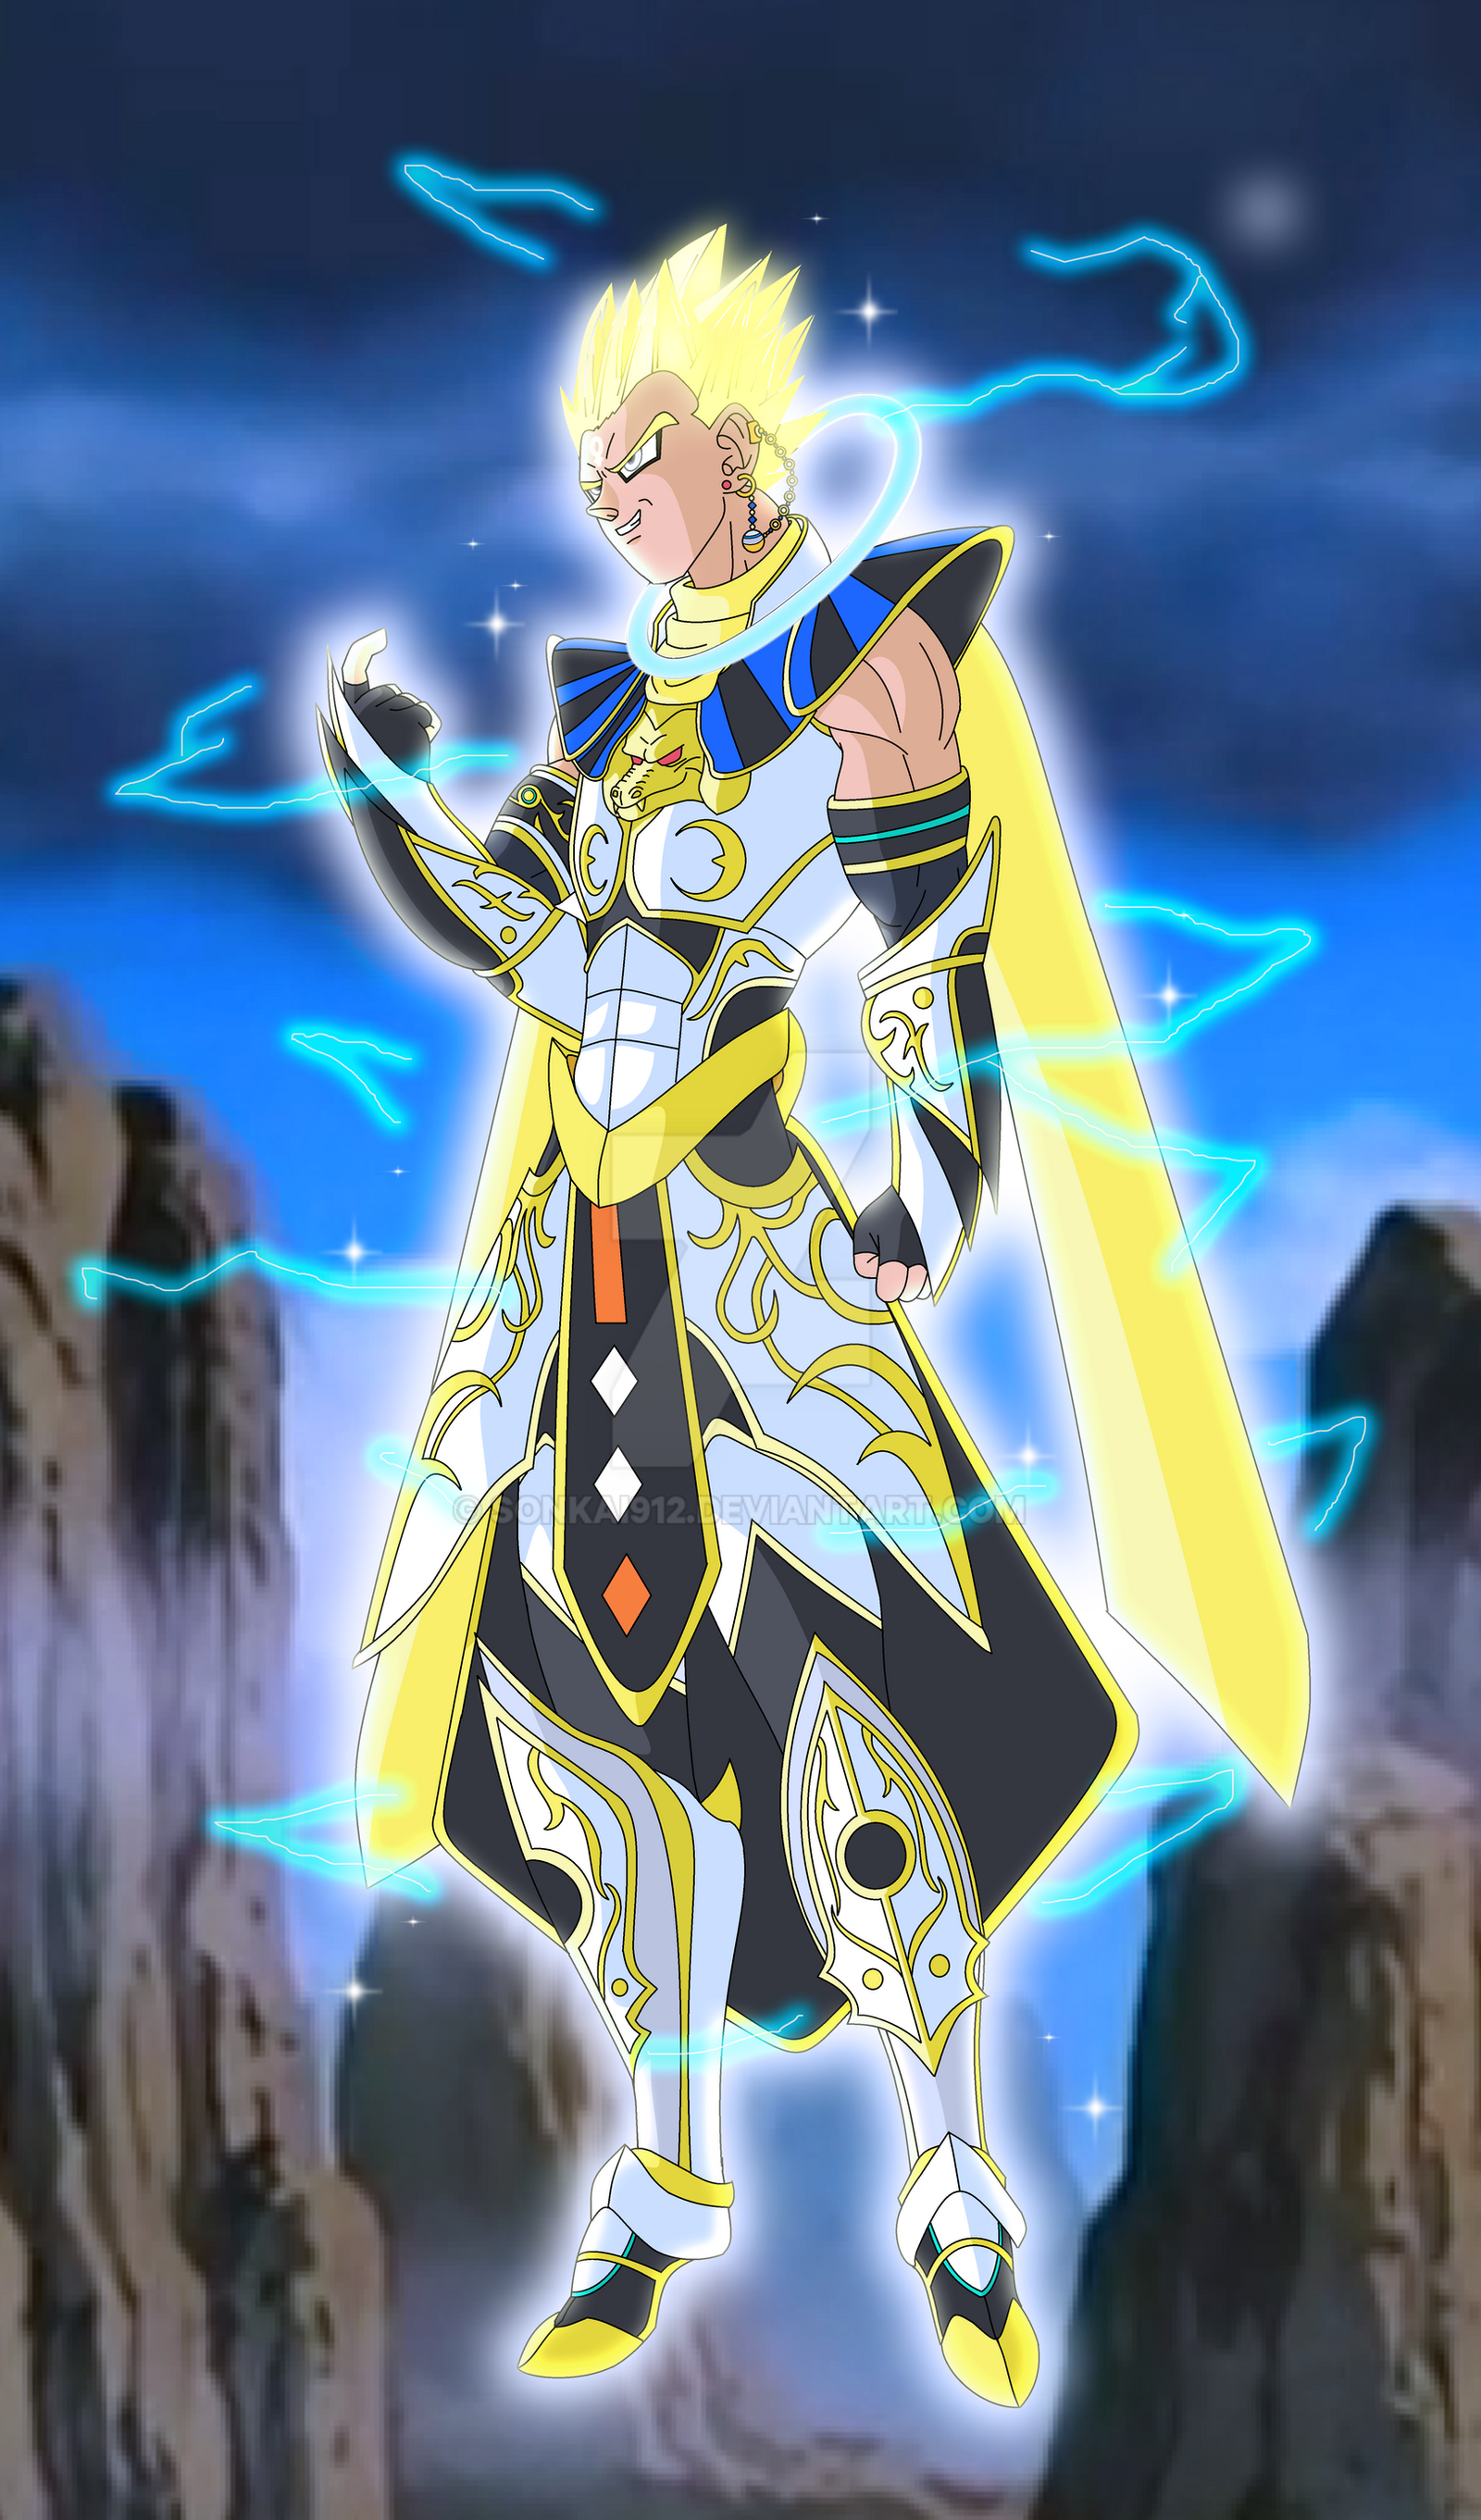 Zaito - Celestial god form by Sonkai912 on DeviantArt